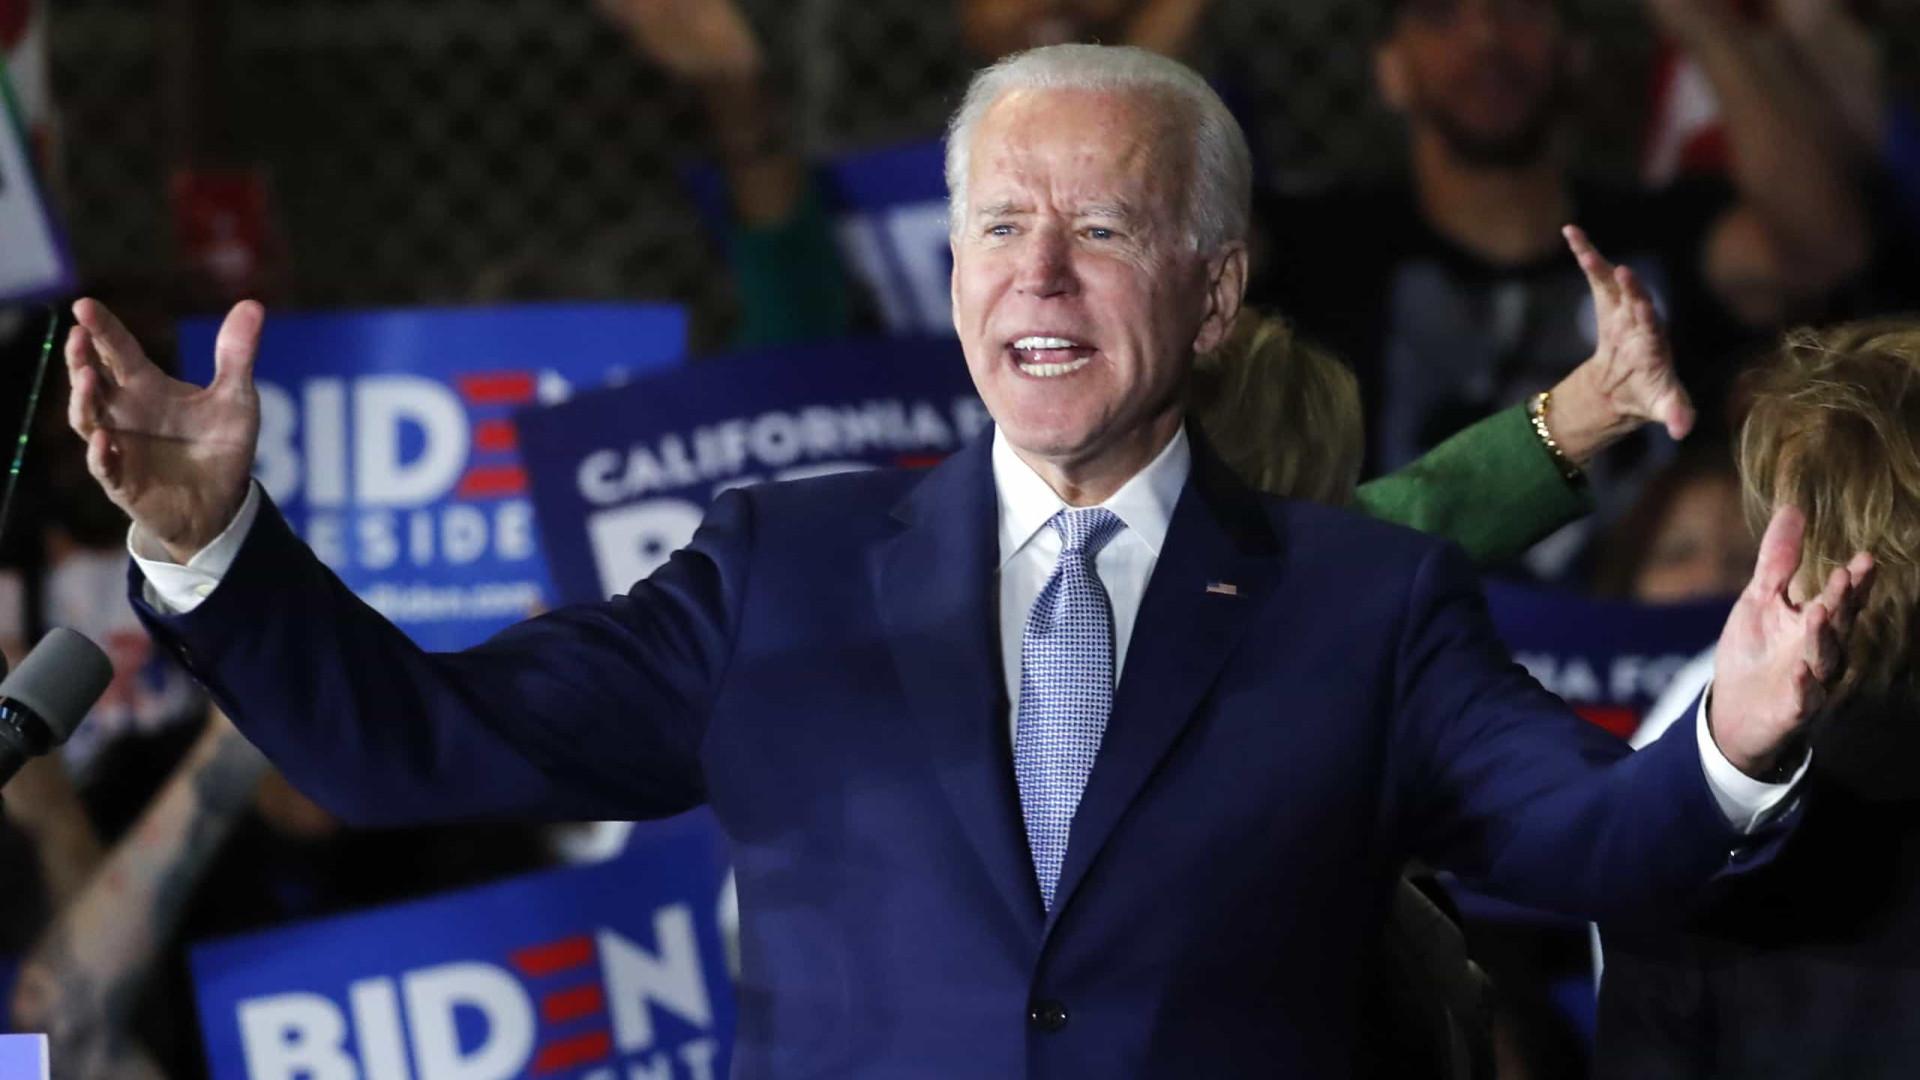 Revista Nature condena governo Trump e declara apoio a Biden